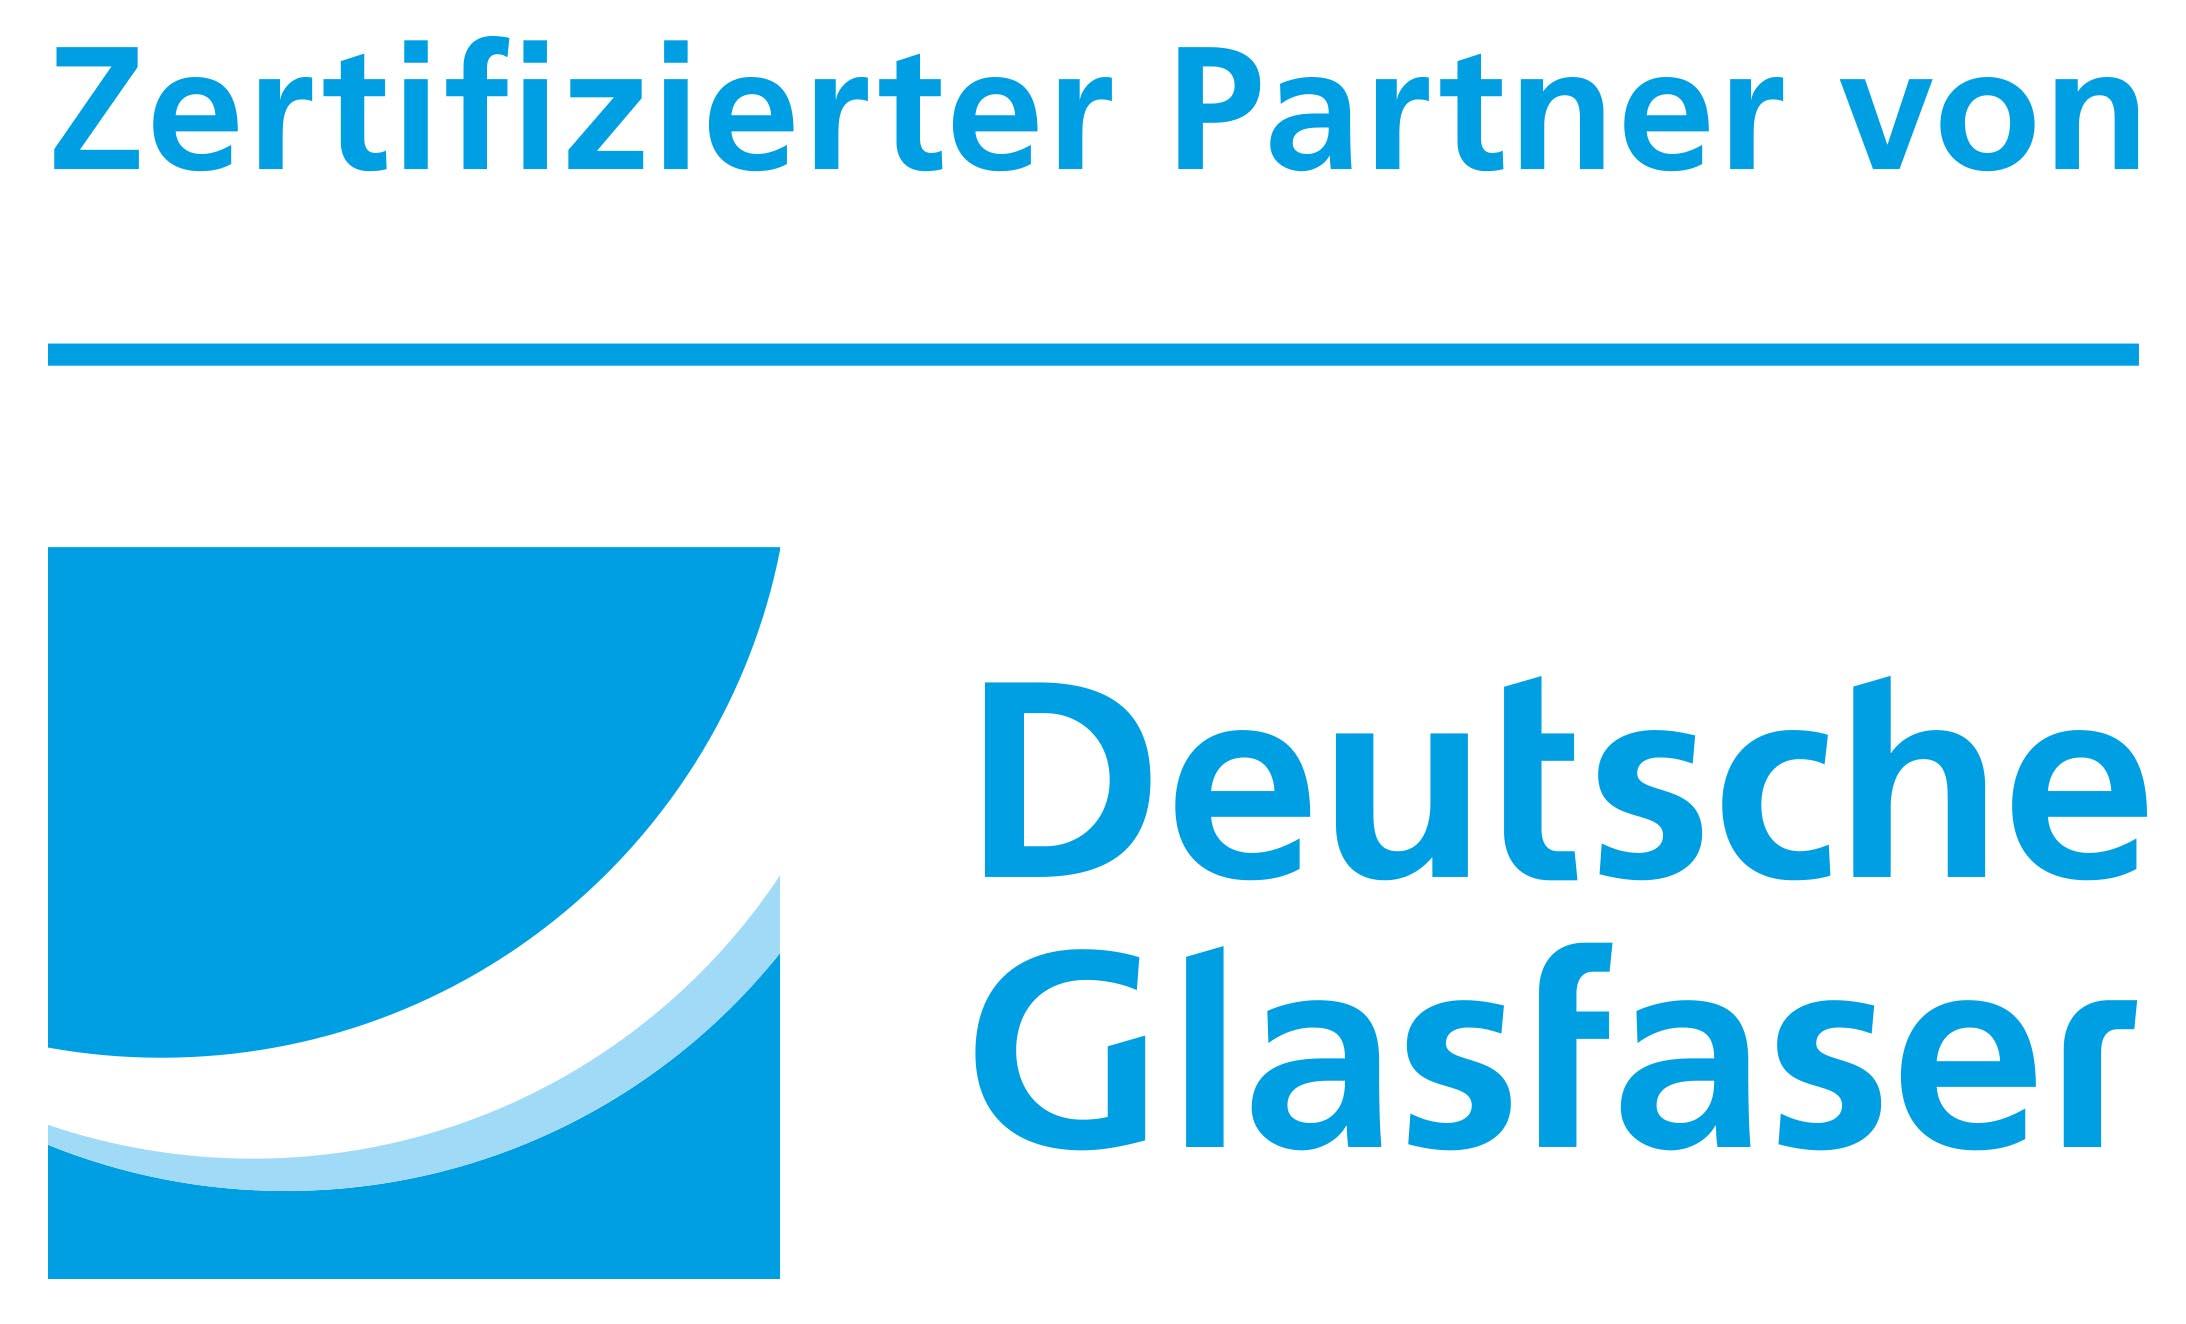 Deutesche Glasfaser Partner